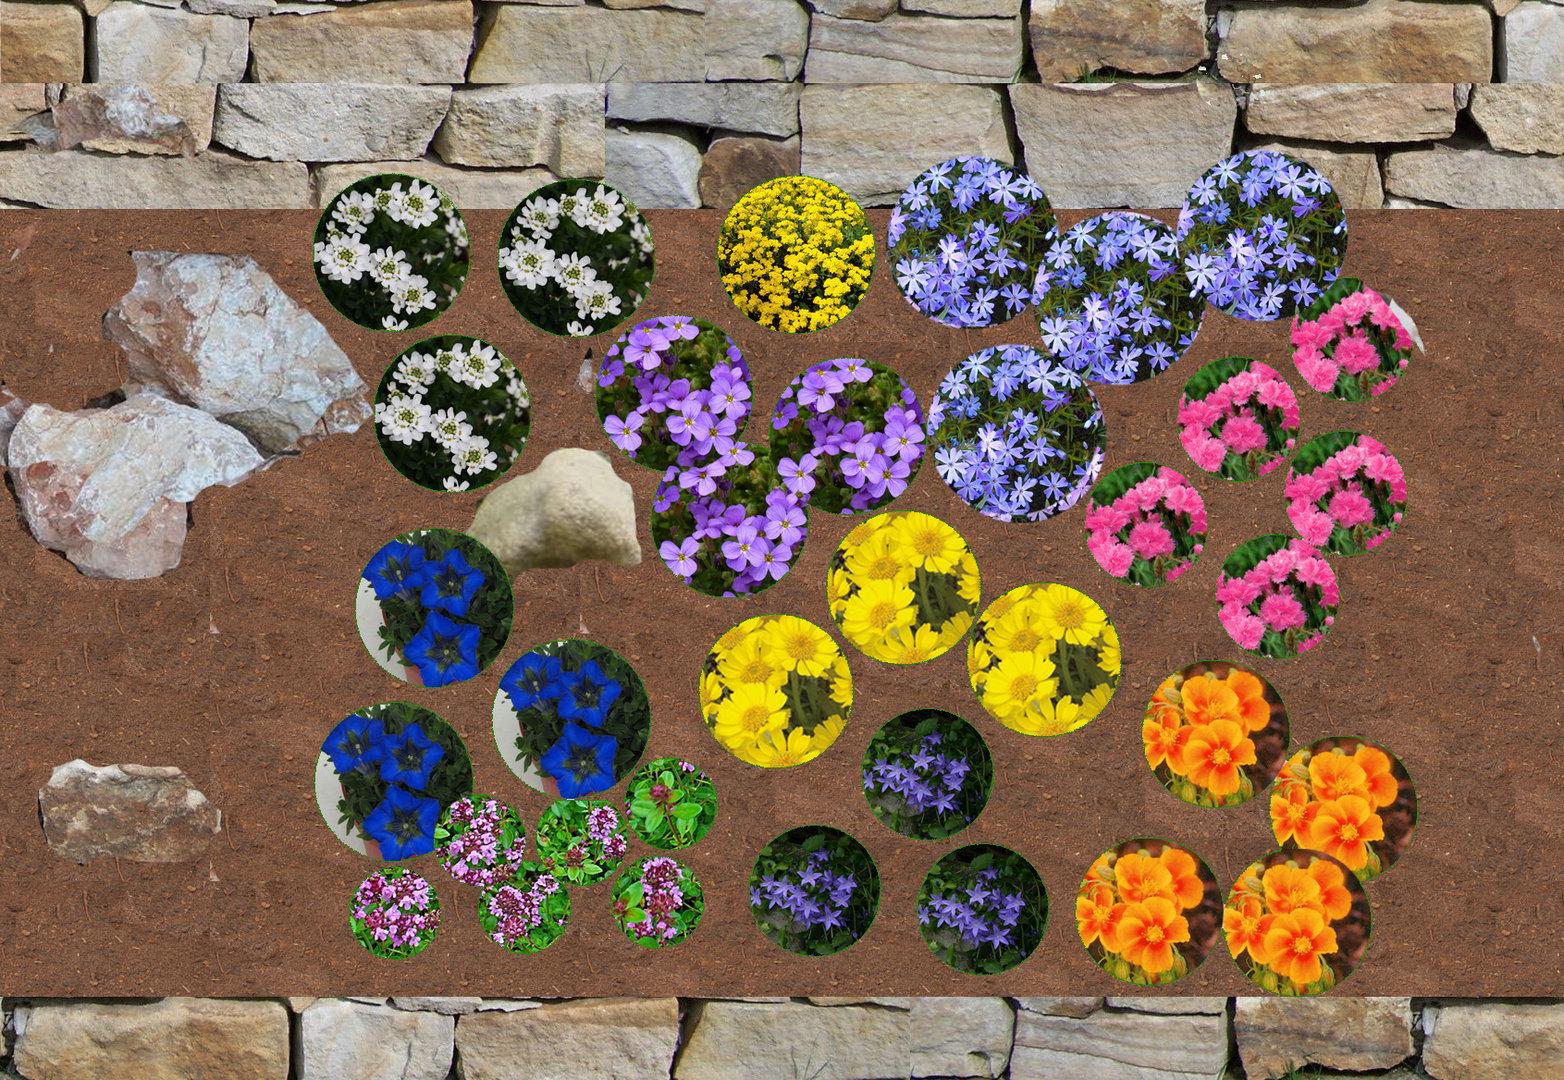 pflanzenpaket f r steinbeet pflanzen versand harro 39 s pflanzenwelt kaufen bestellen online. Black Bedroom Furniture Sets. Home Design Ideas